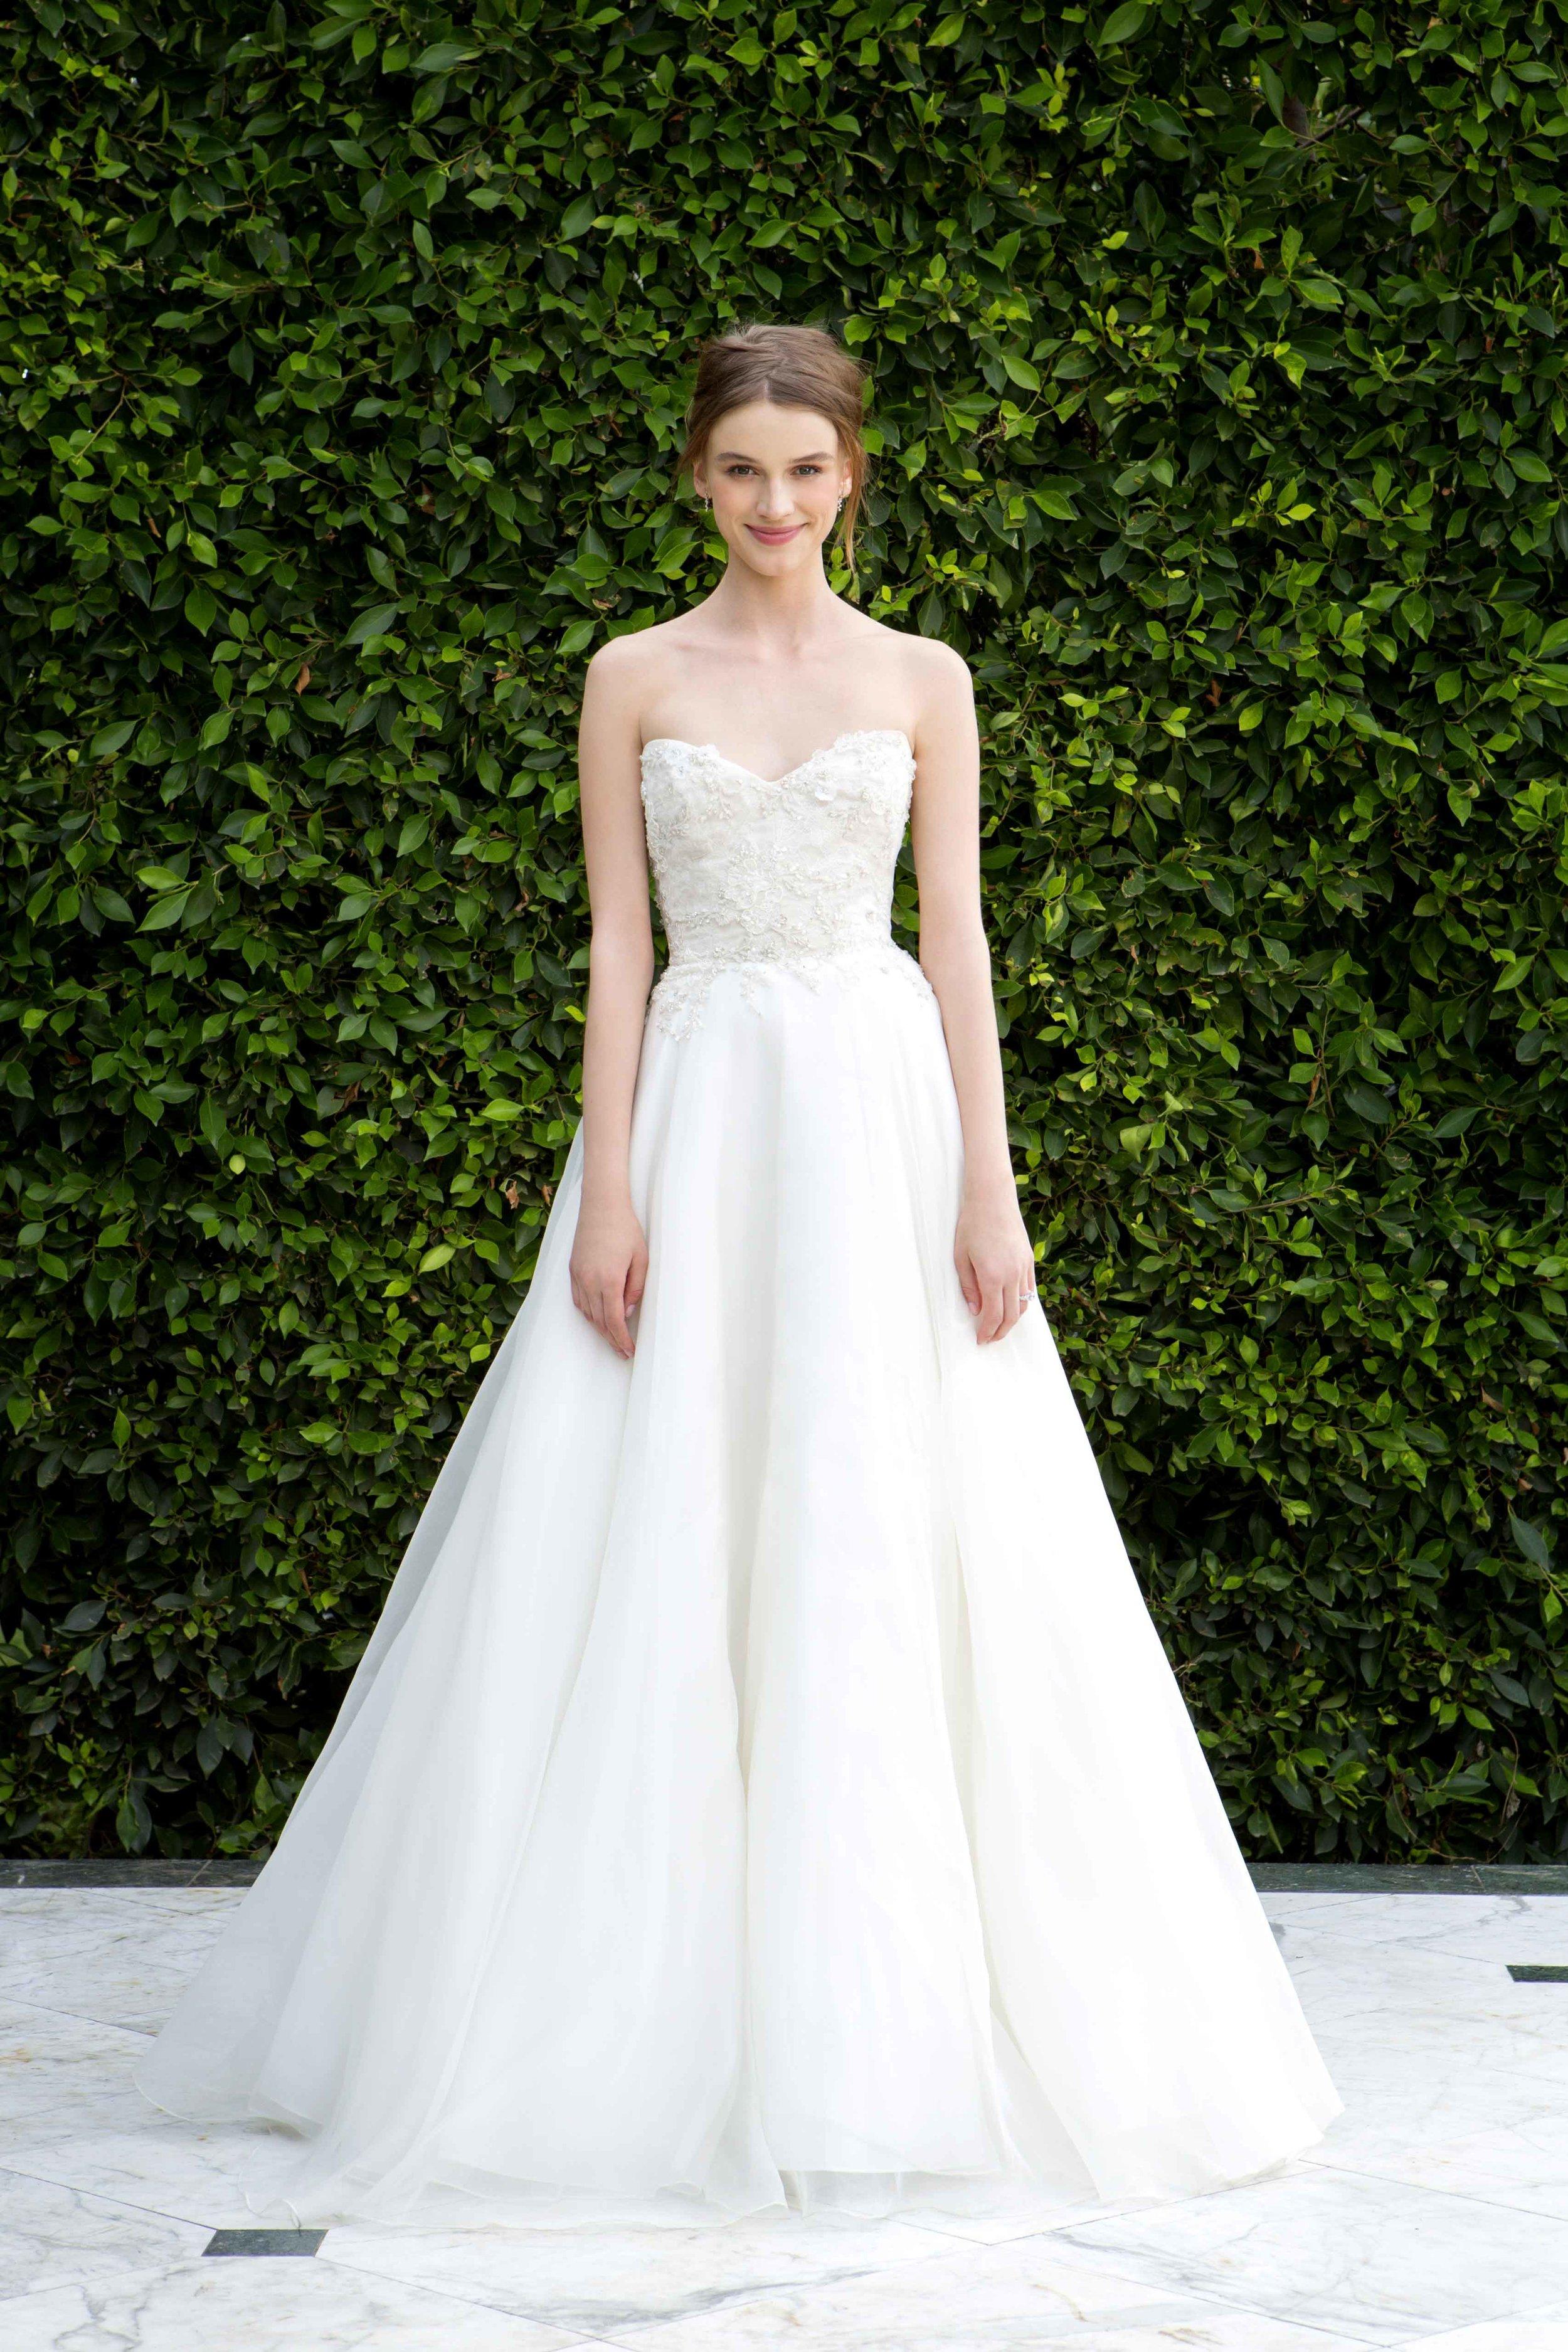 monique-lhuillier-bridal-latelier-couture-minneapolis